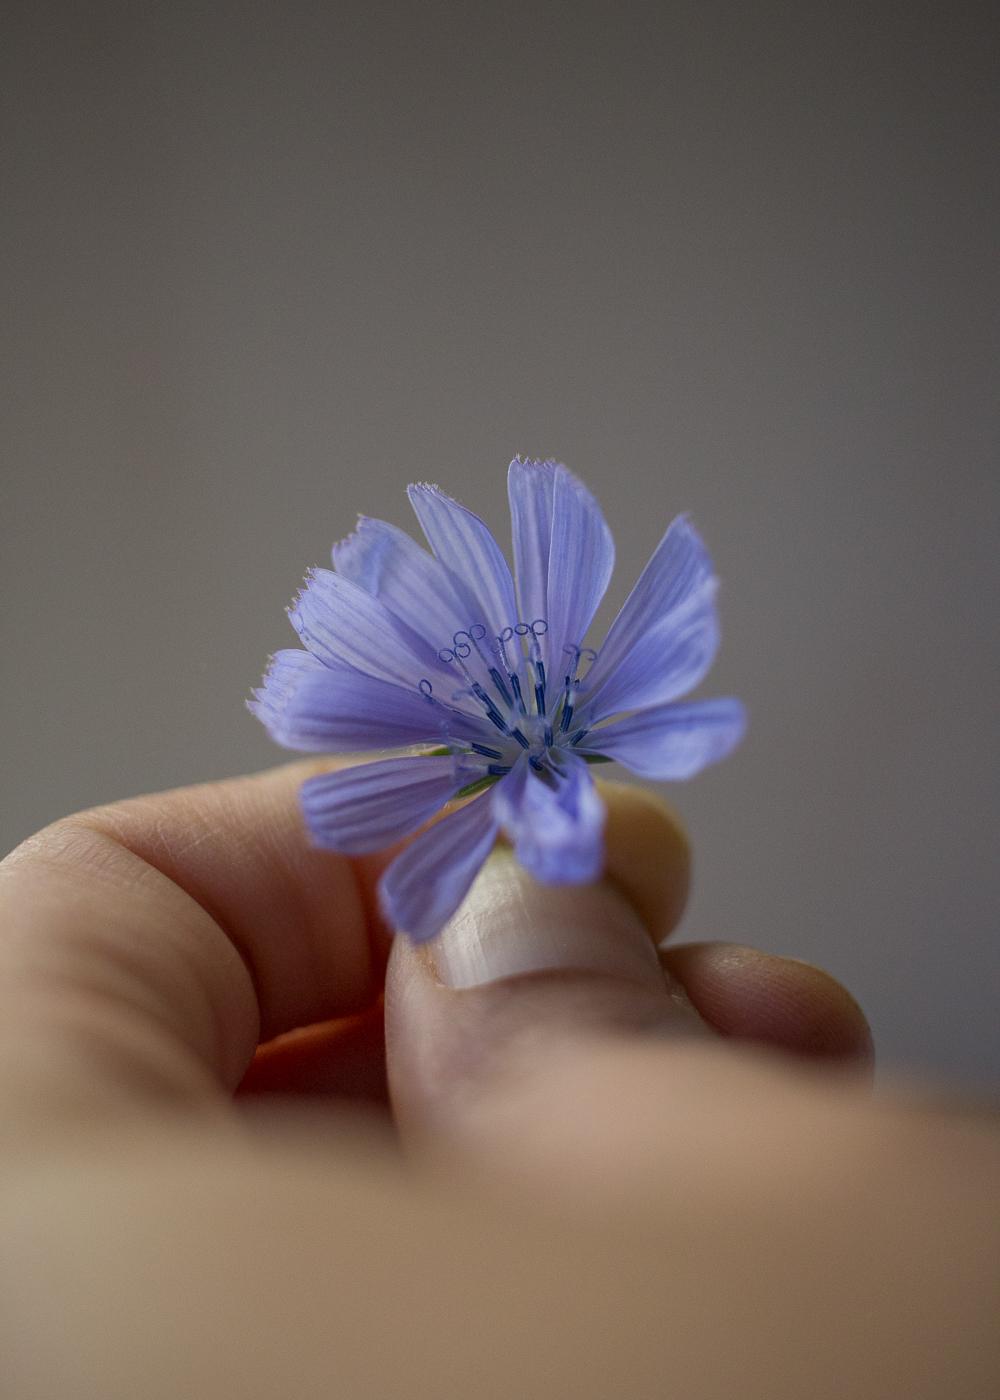 La bellezza dell'estate - I fiori della cicoria - Lily&Sage Design